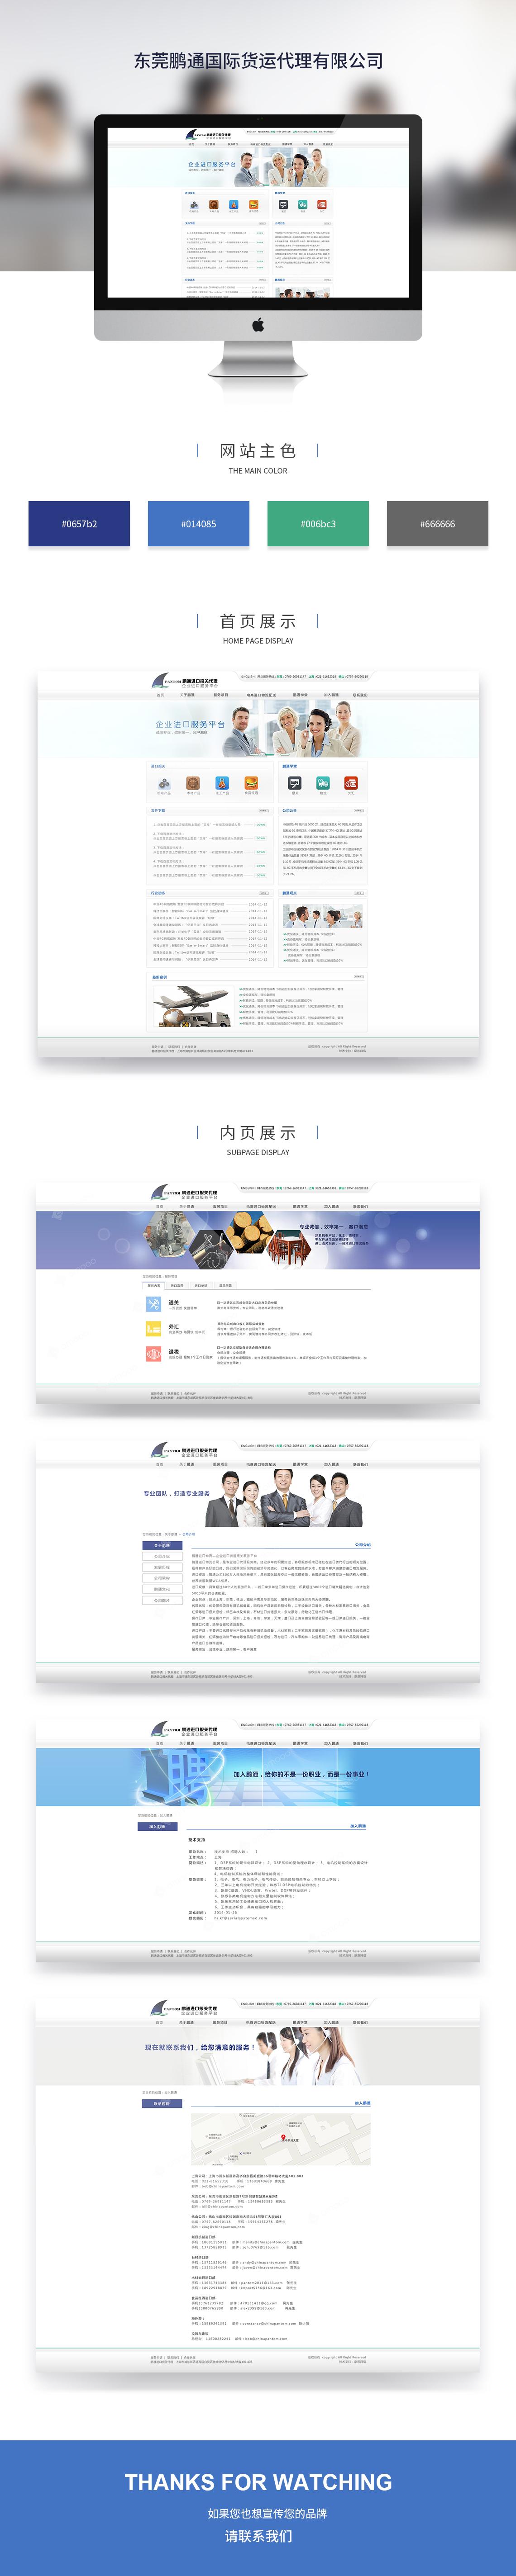 公司網站建設案例之鵬特姆進口物流公司